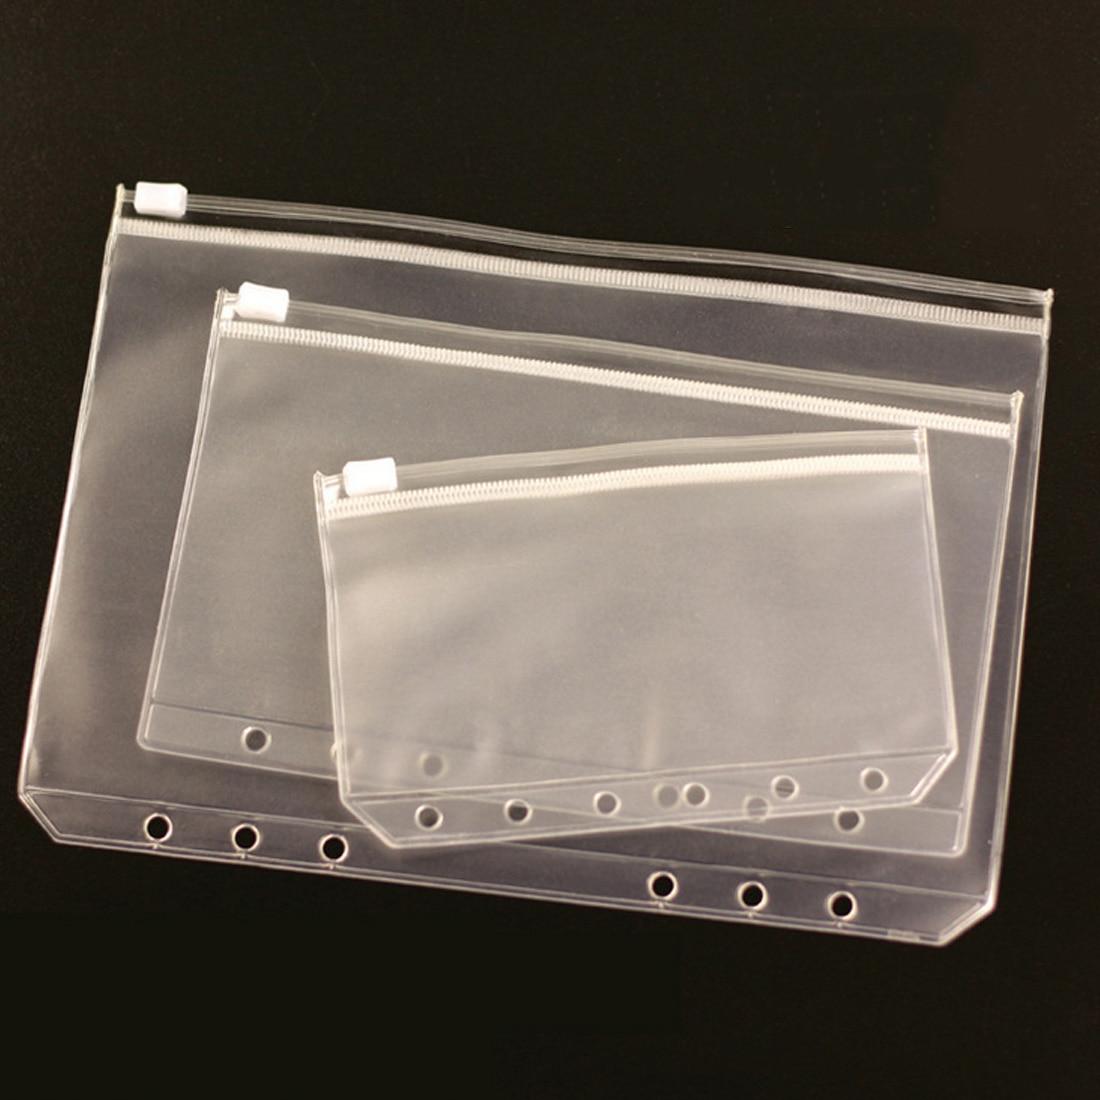 6 Hole Loose-leaf Bag Bill Storage Bag Universal Waterproof Transparent Document Bag Transparent Zipper Pull Bag